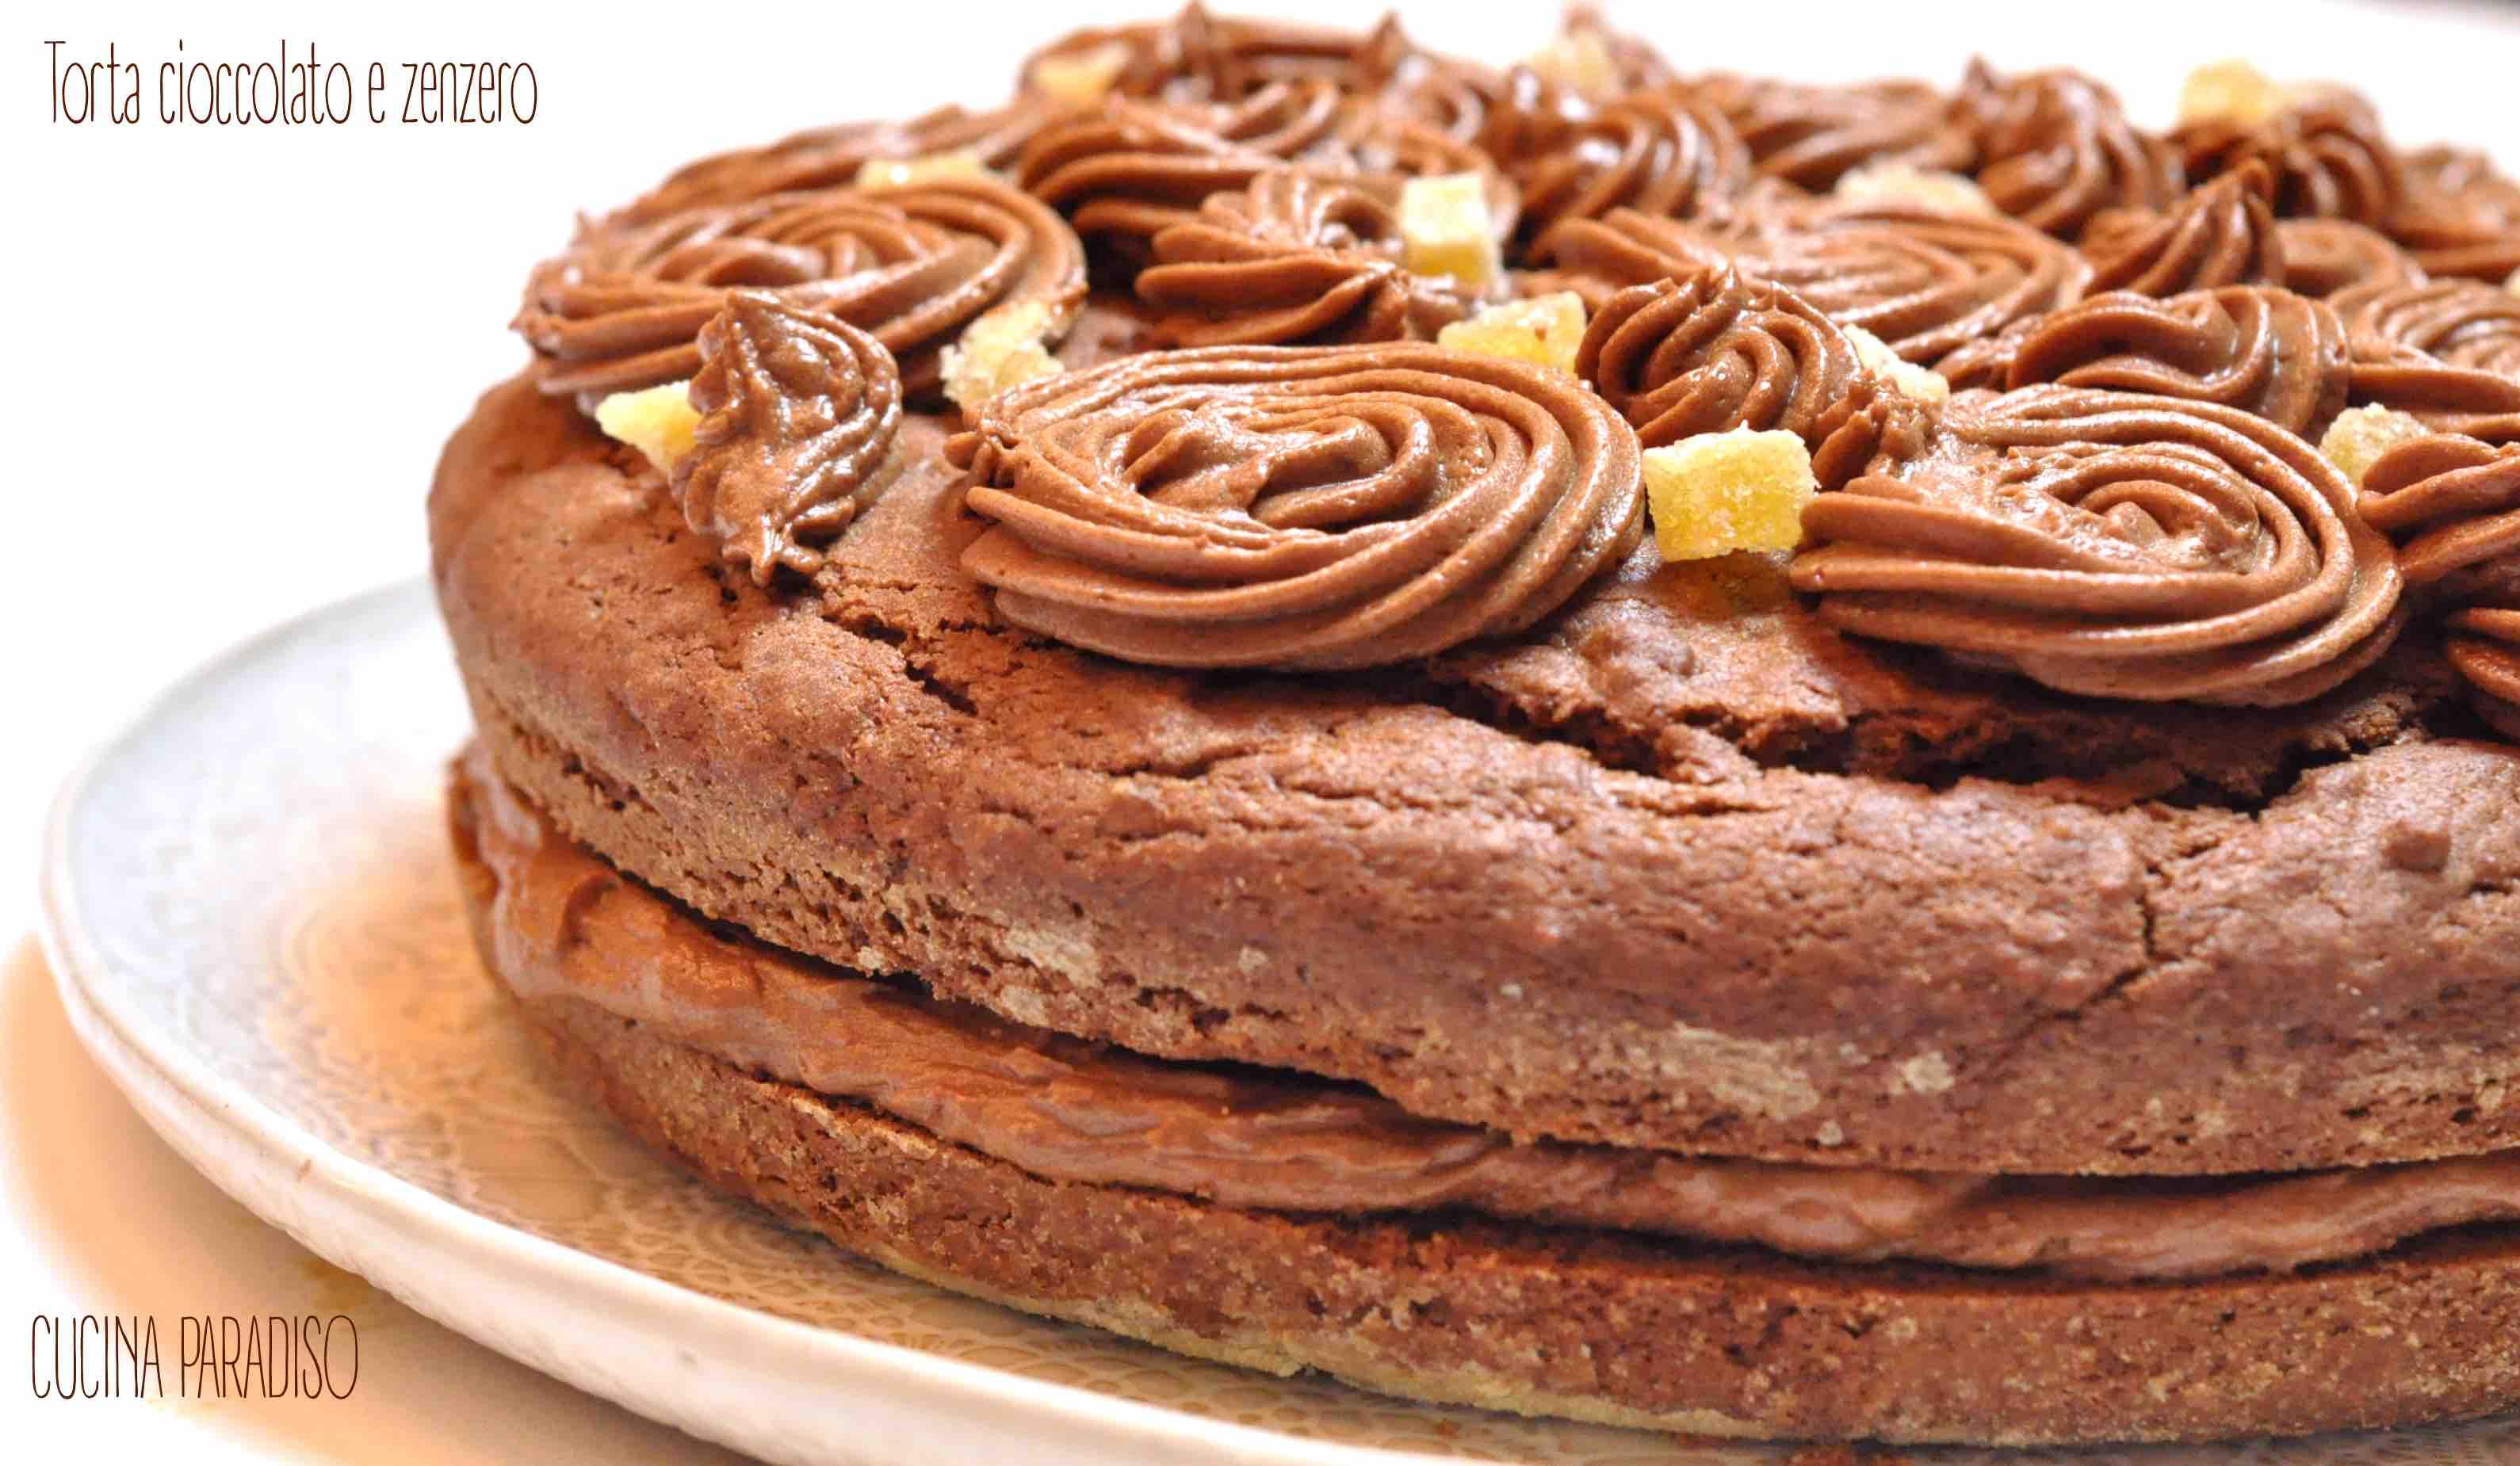 Torta cioccolato e zenzero3